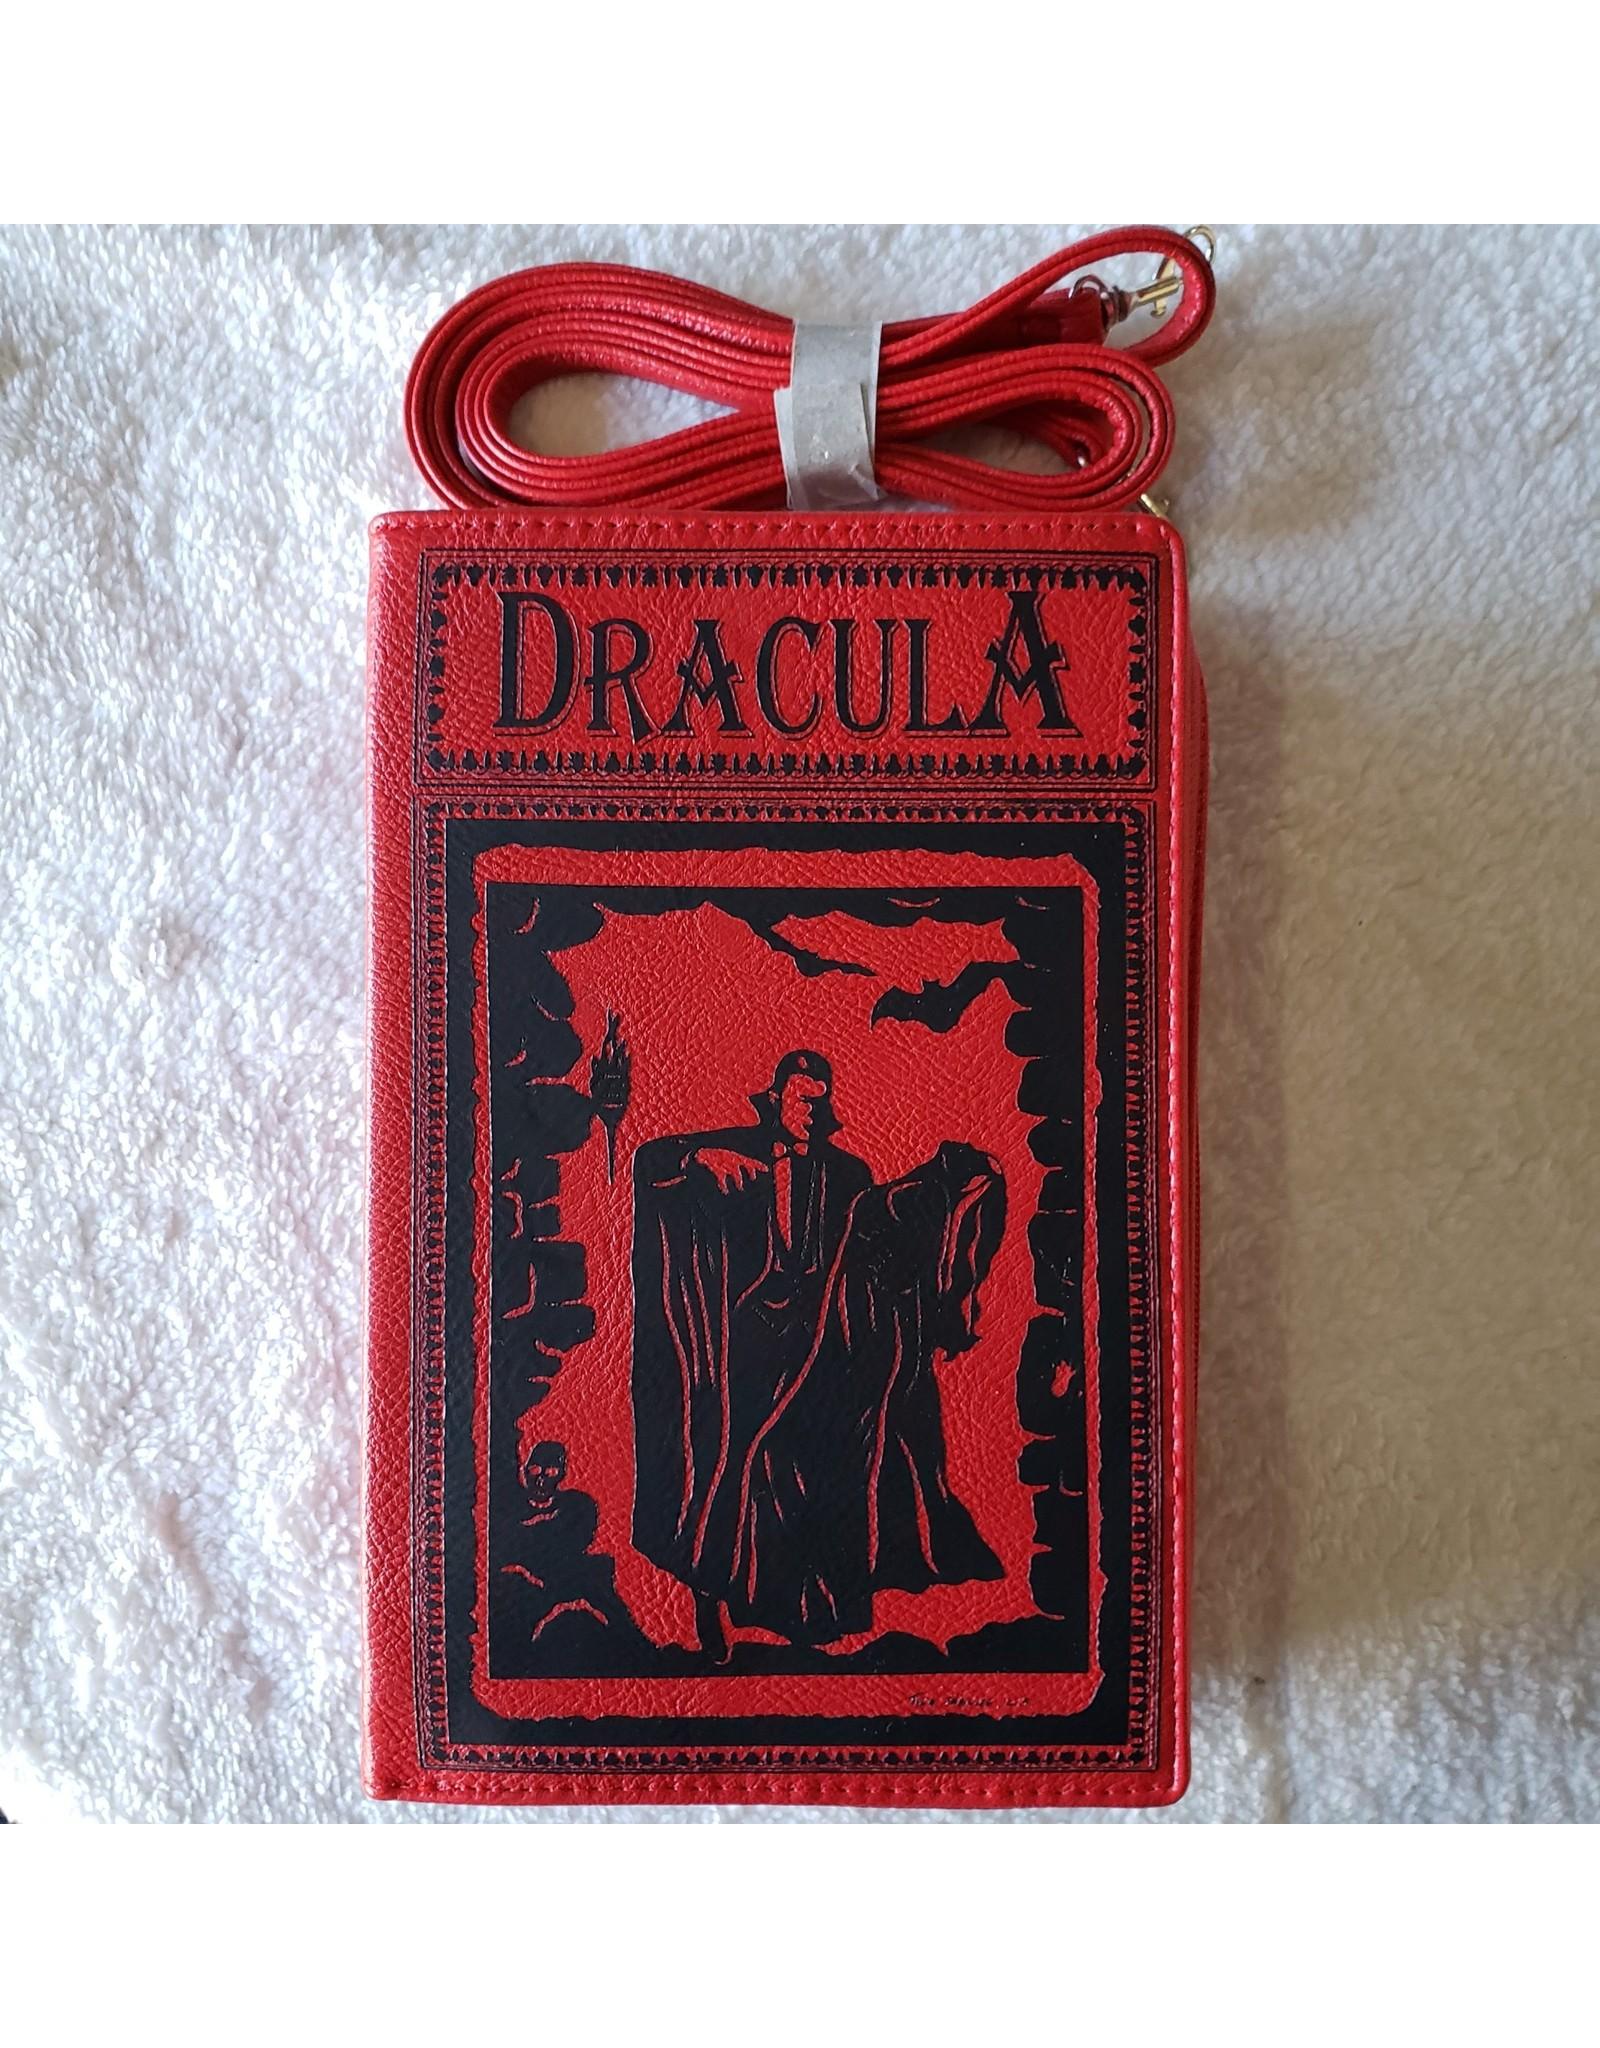 Dracula Book Cross Body Bag - Red